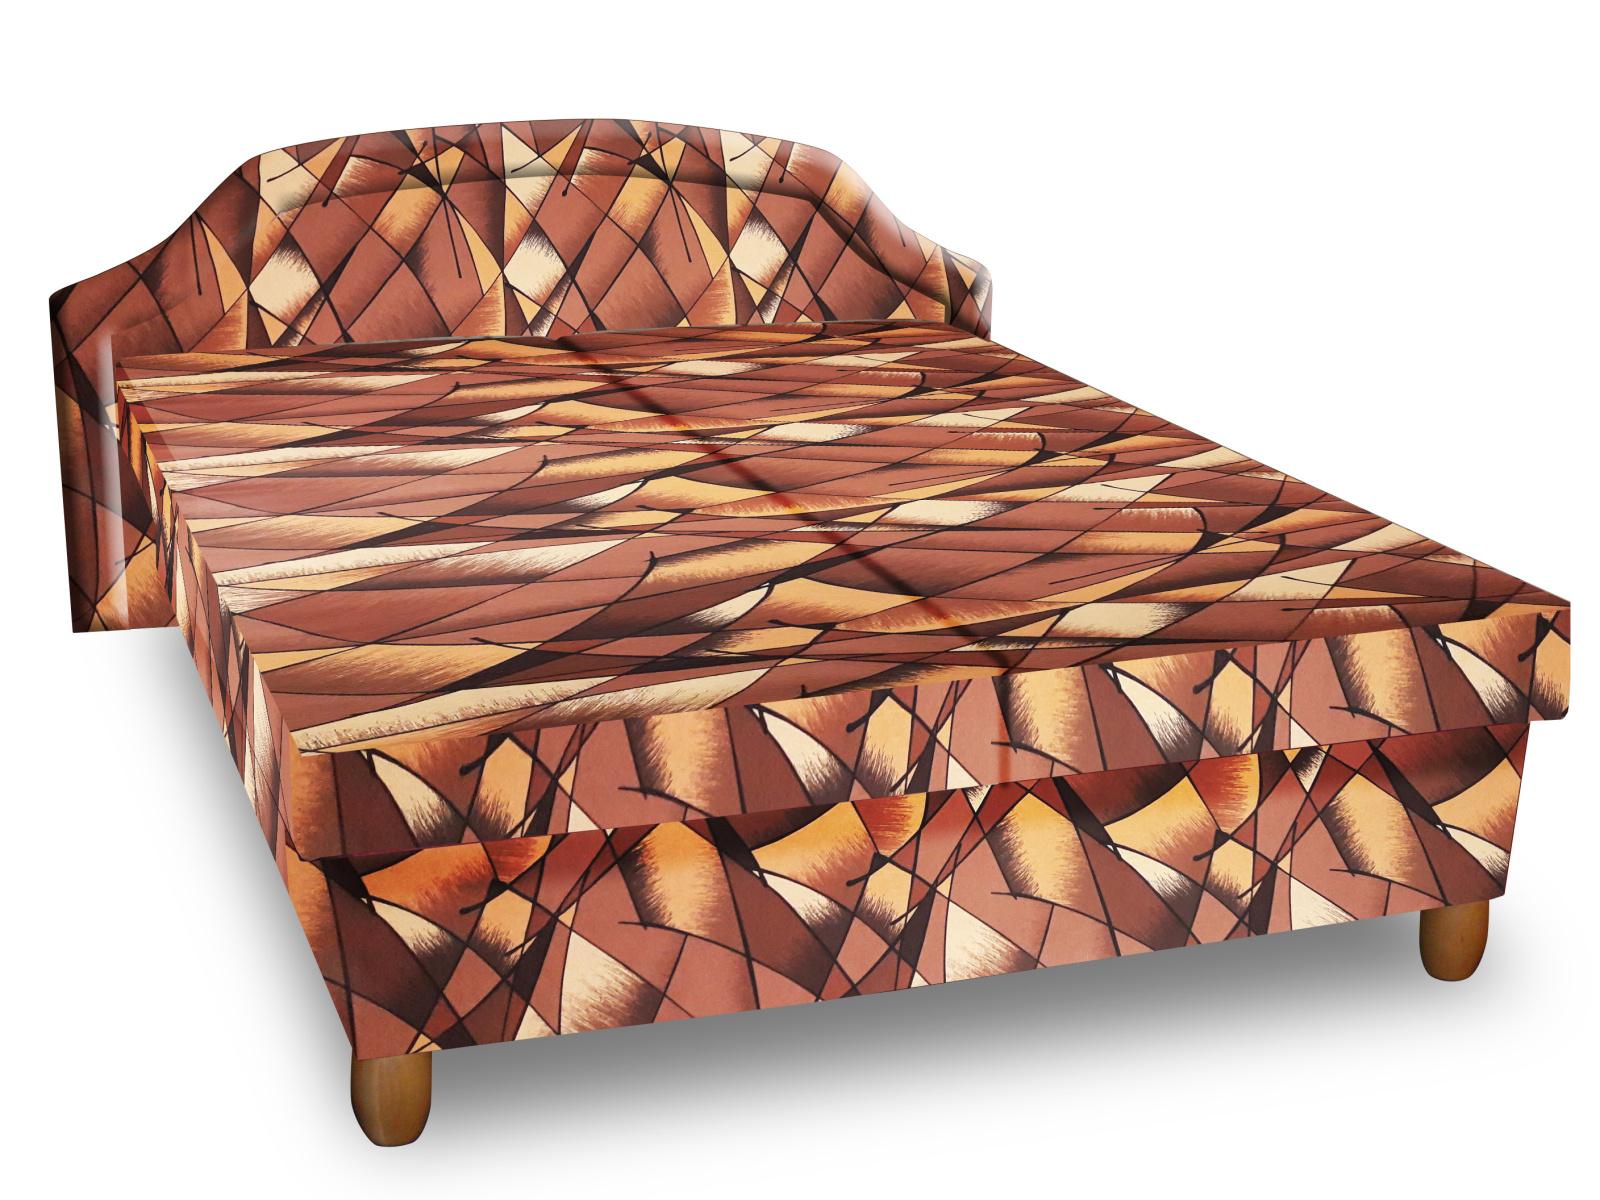 Smartshop Čalouněná postel KARINA 120x200 cm, hnědožlutá látka